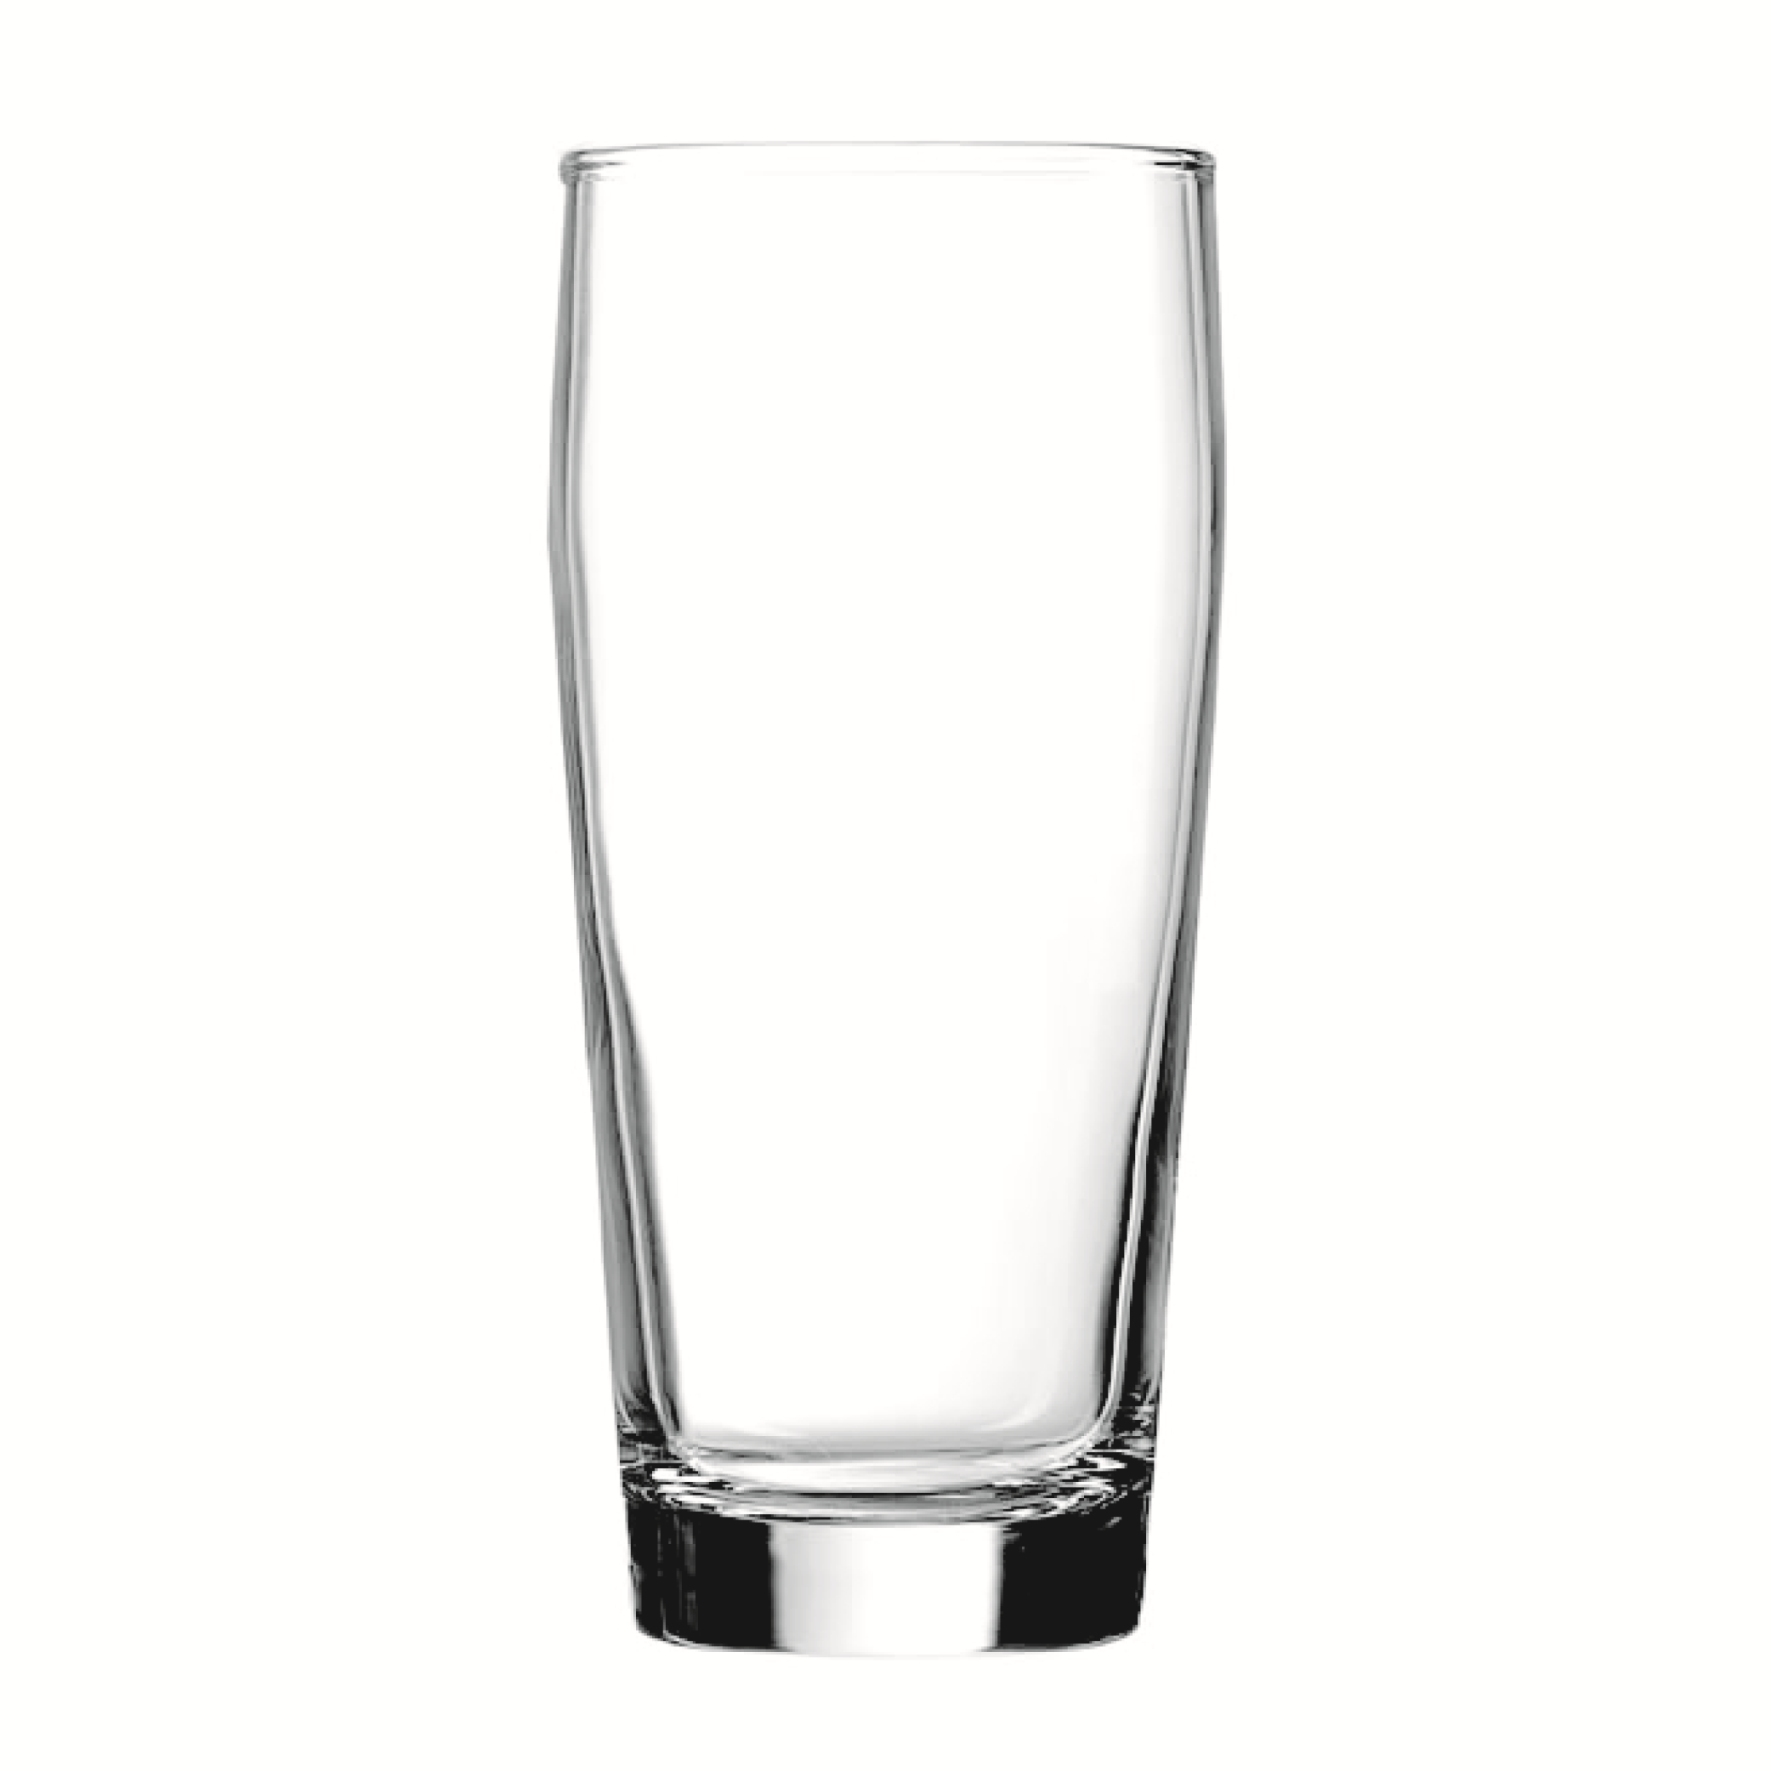 Becher Glass- 16 Oz.